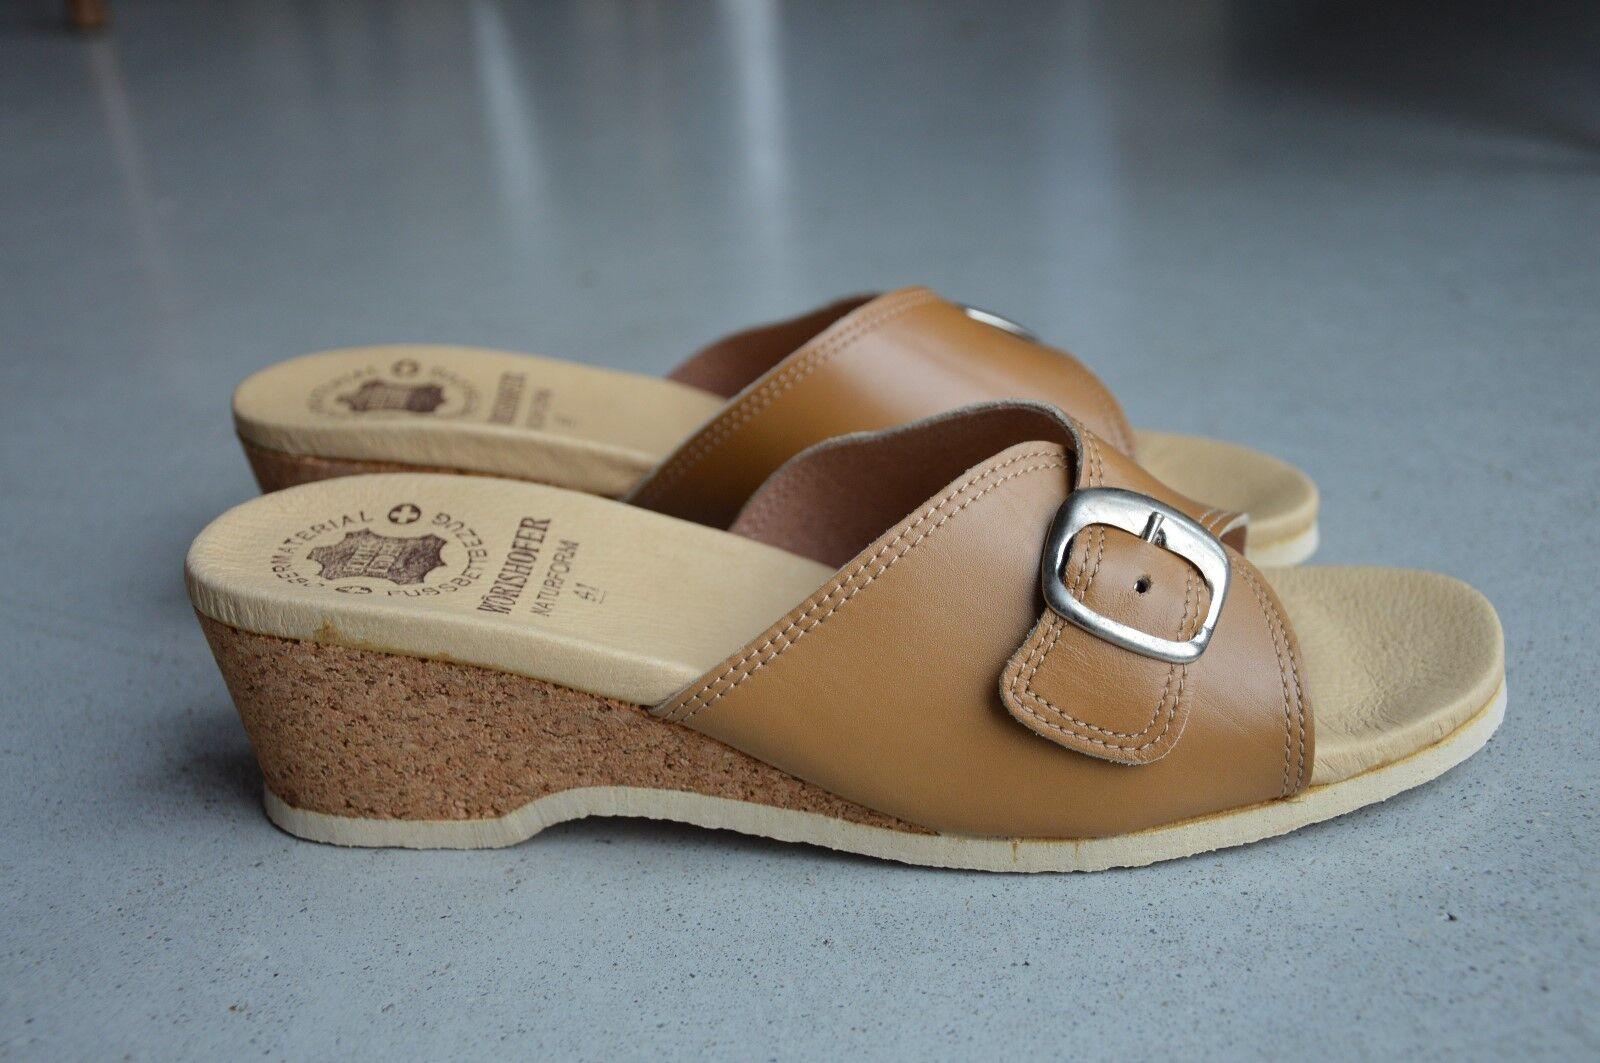 Wörishofer Clogs Zapatos para para para baño sandalia estorbos corcho OVP 70er True vintage 70s nos  Envío y cambio gratis.